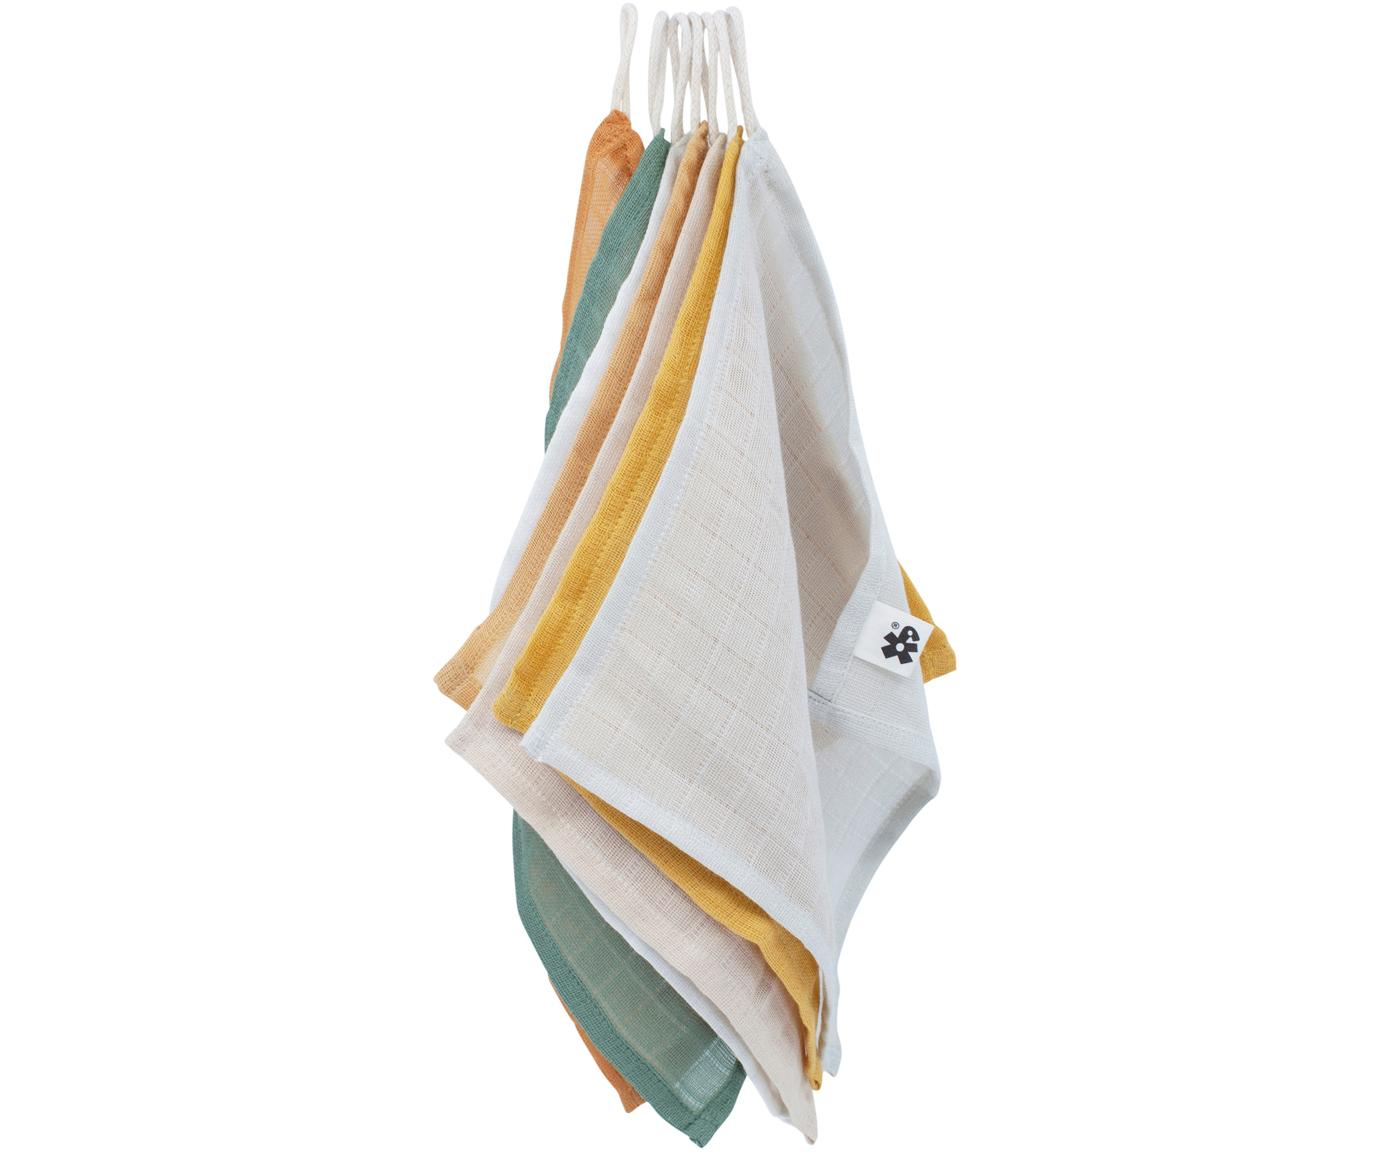 Waschlappen-Set Marne, 7-tlg., Baumwolle, GOTS-zertifiziert, Mehrfarbig, 20 x 20 cm